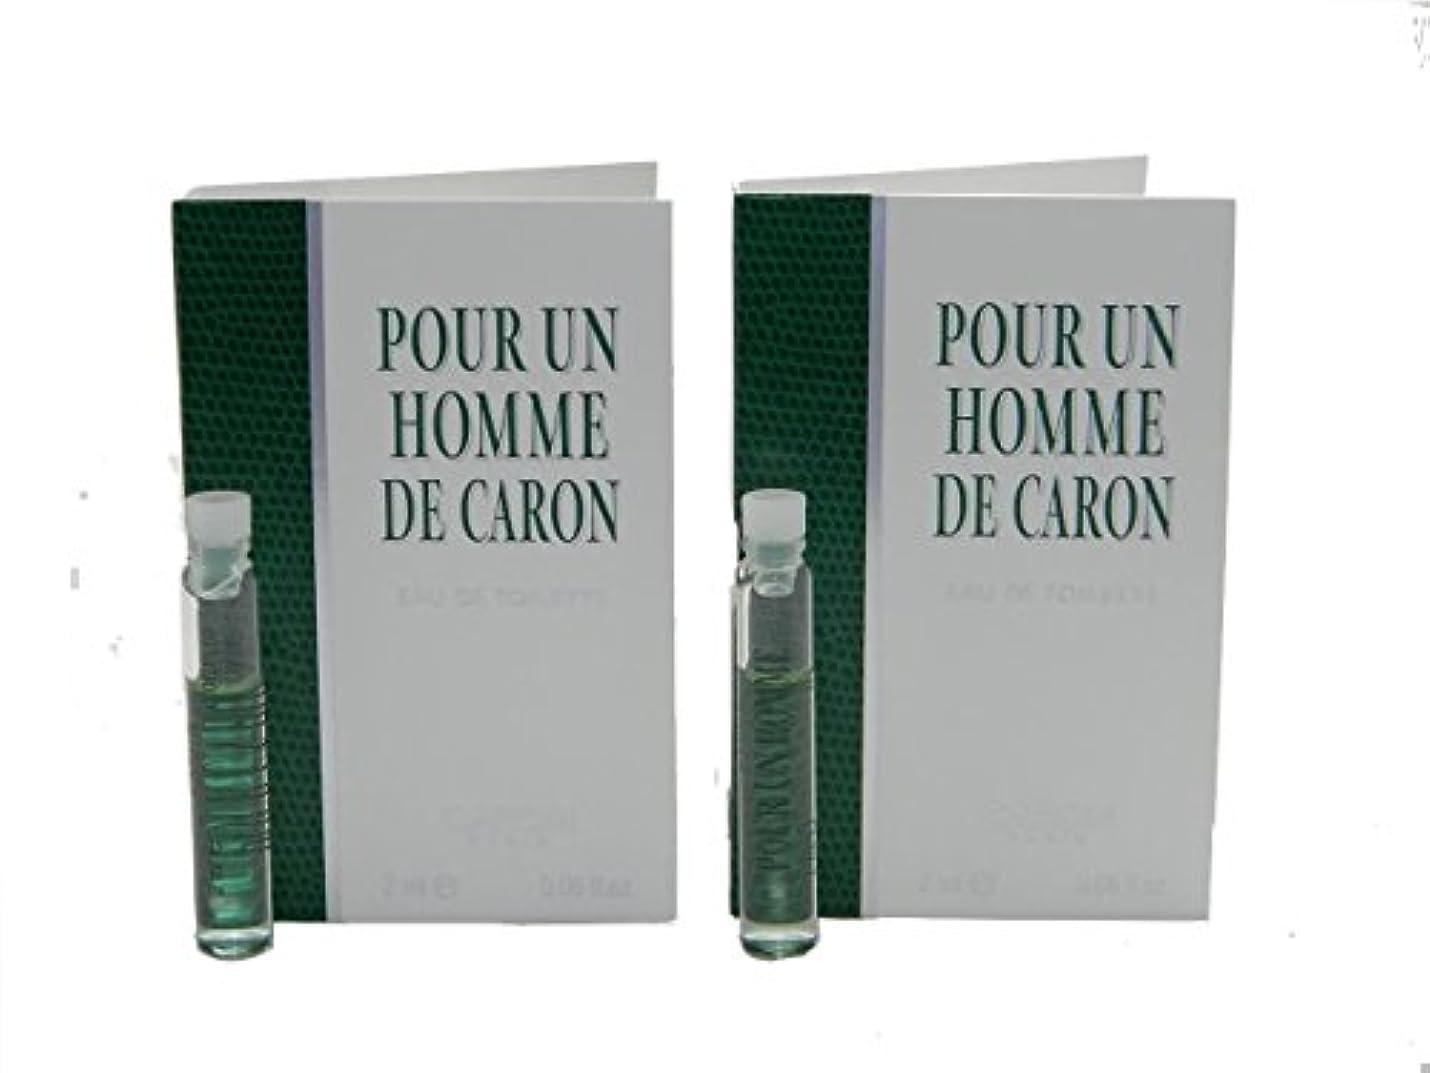 歩行者第四縮れたPour Un Homme De Caron EDT Vial Sample [Lot of 2](プール アン オム ド キャロン オードトワレ)2x2ml [並行輸入品]